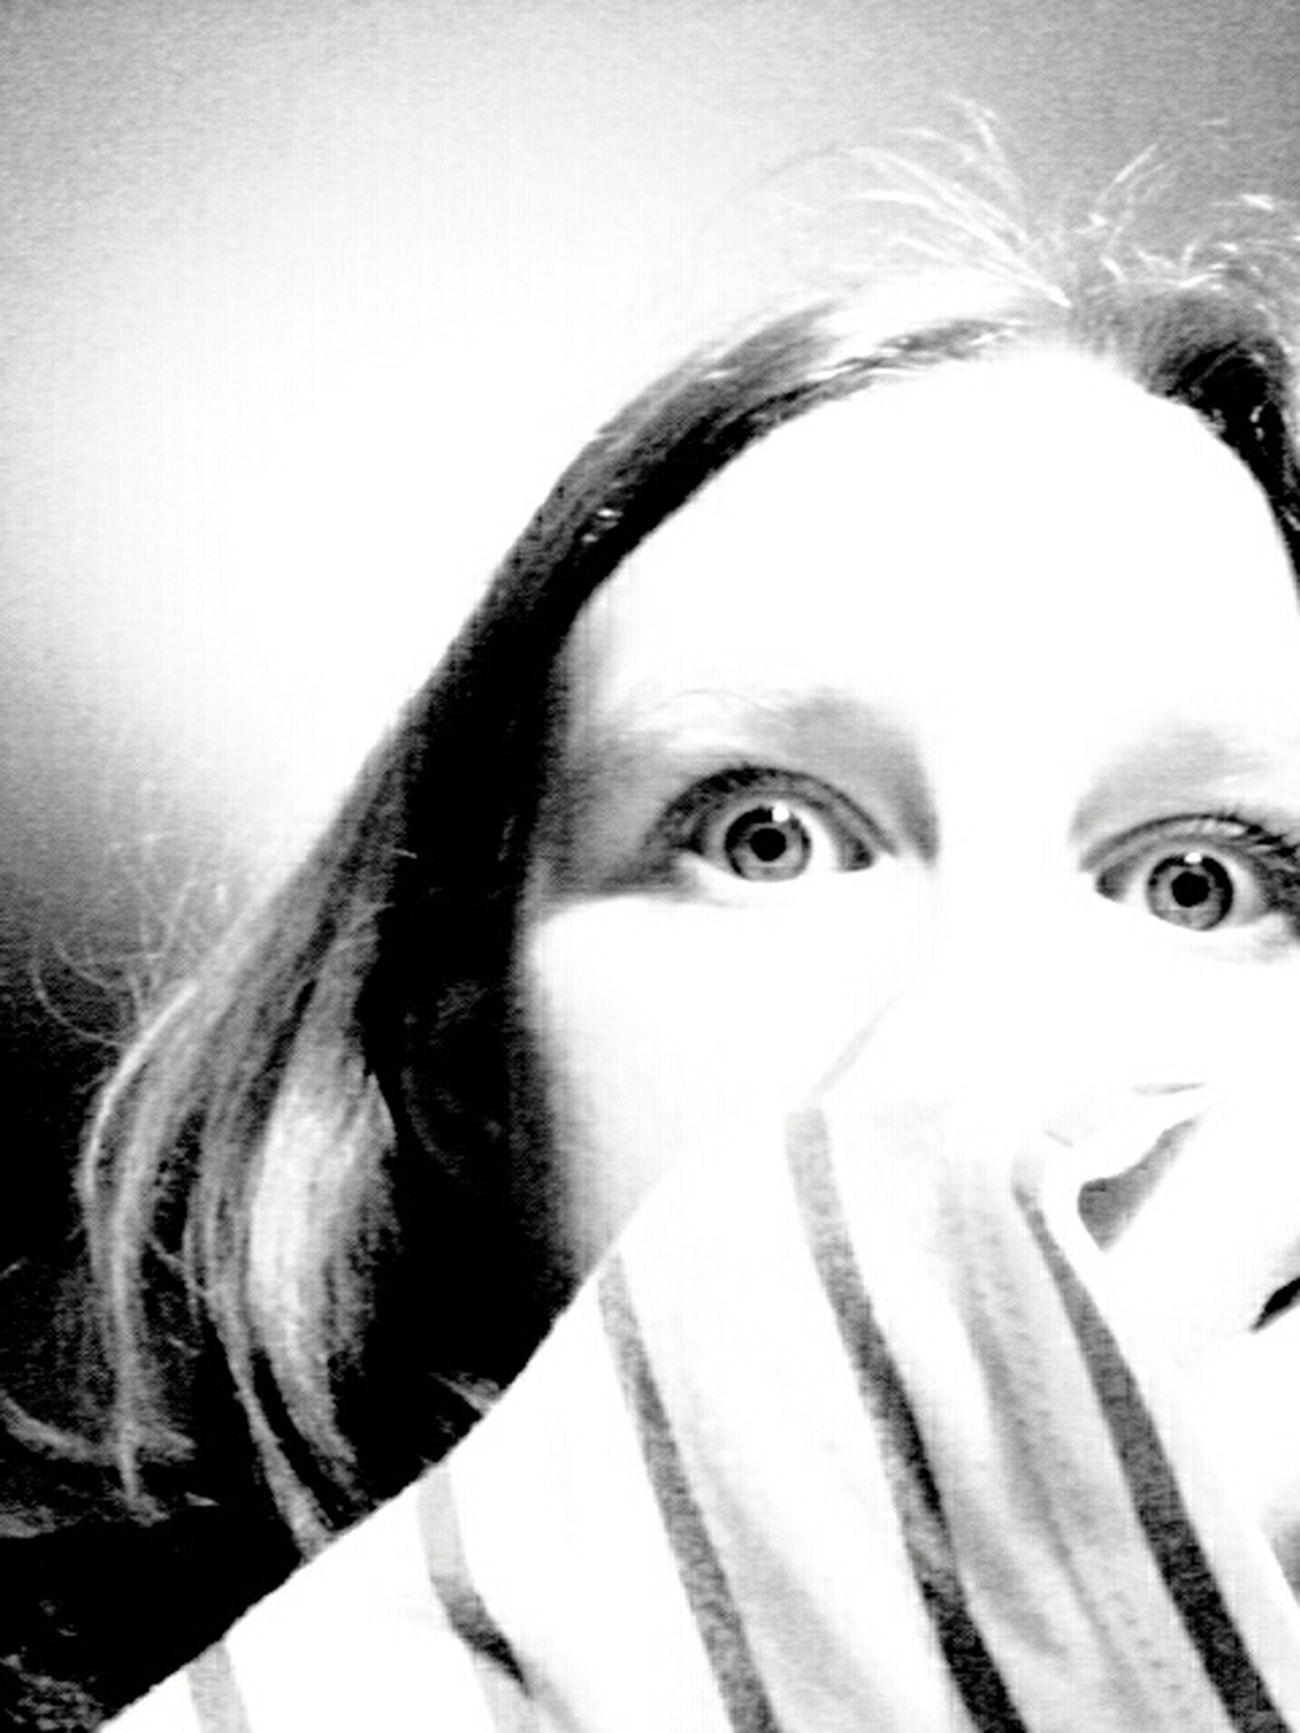 Me Candycamera Black & White Maskara ~^O^~